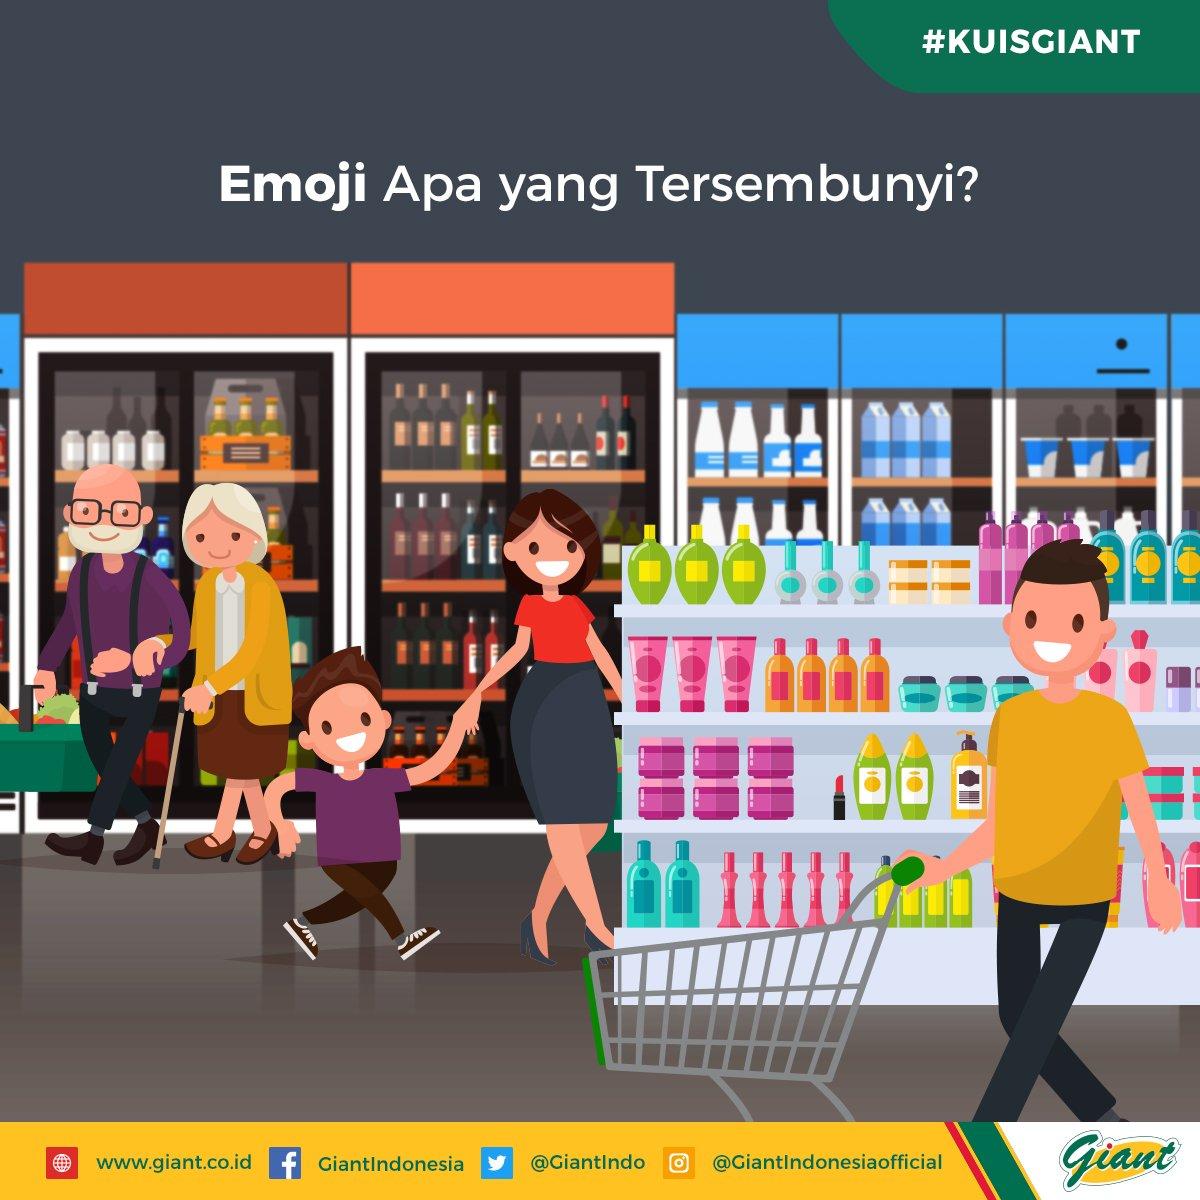 Waktunya belanja perlengkapan kosmetik di Giant! Bisakah Sahabat Giant menebak emoji mana yang tersembunyi di rak? Share jawabannya di kolom komentar, yuk!  #KuisGiant #GiantIndonesia #KeceSetiapHari